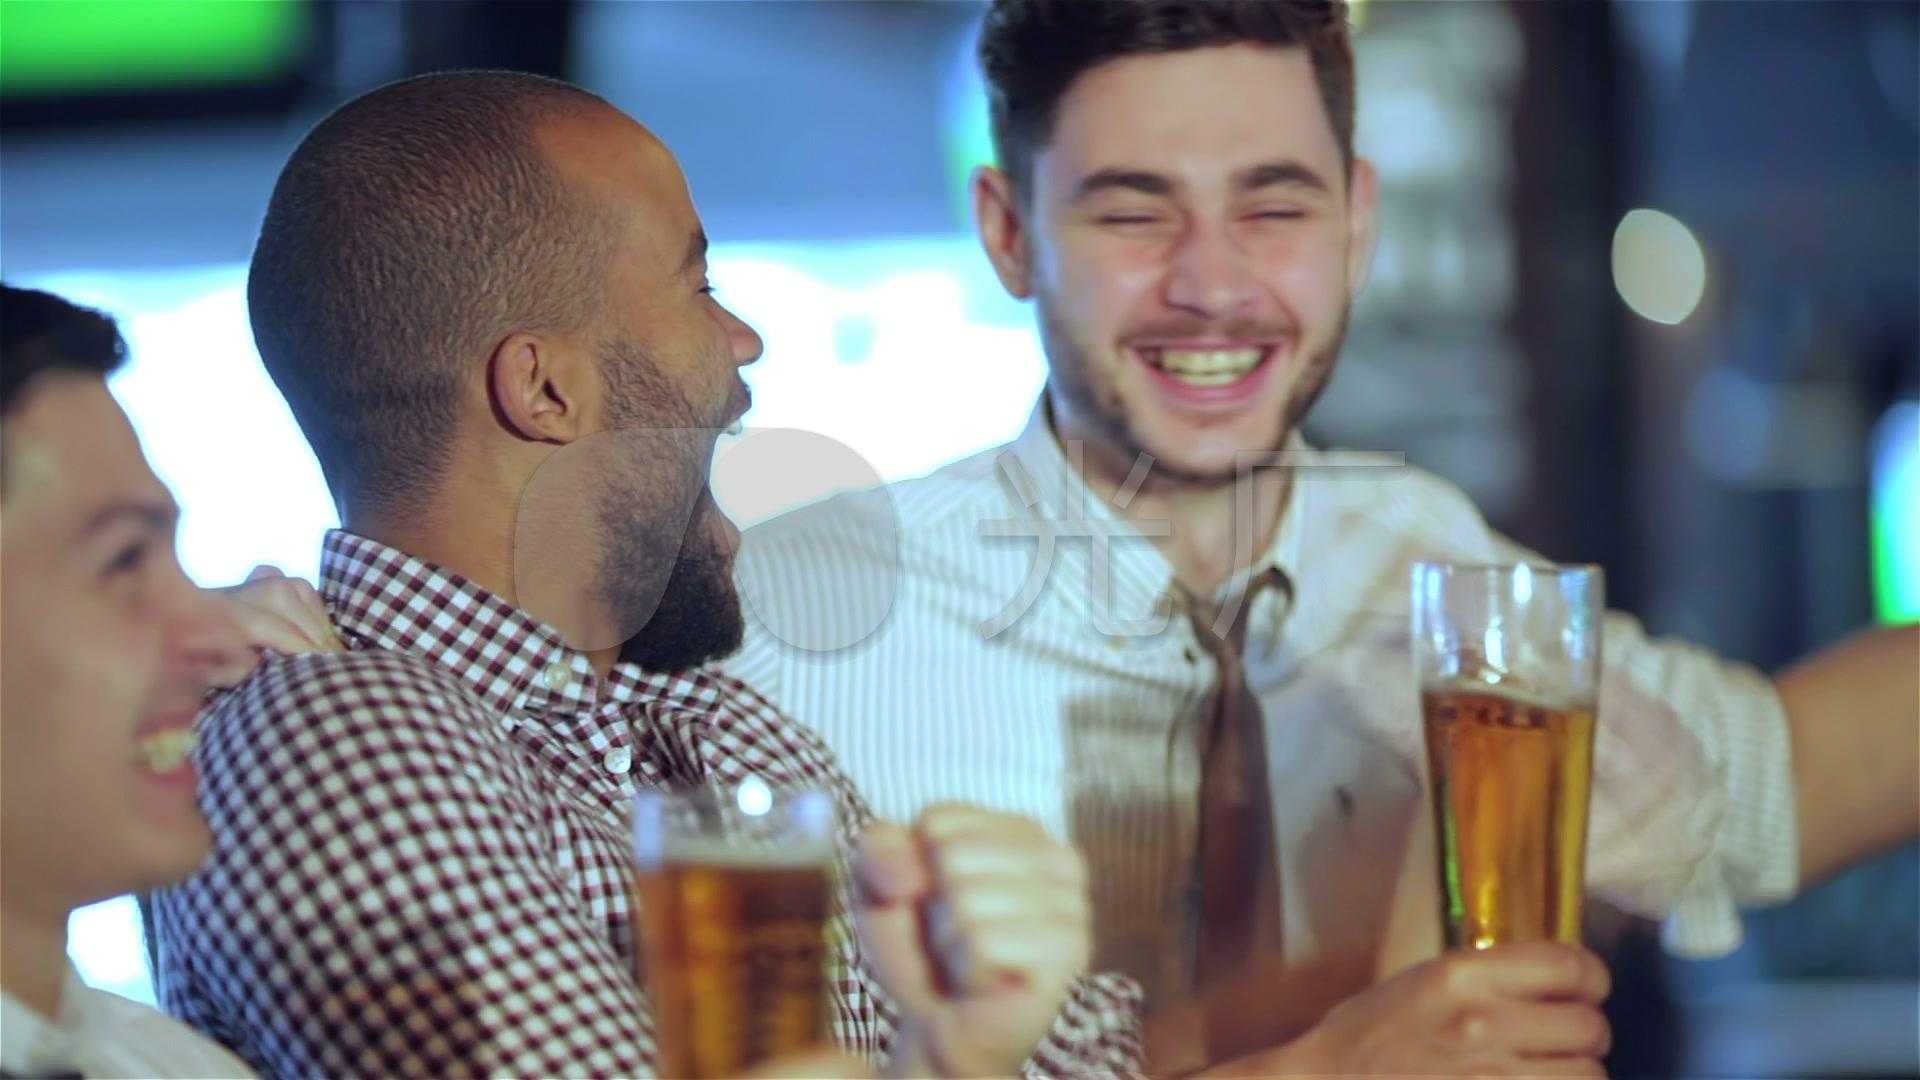 喝啤酒和朋友酒吧看球赛_1920X1080_高清视